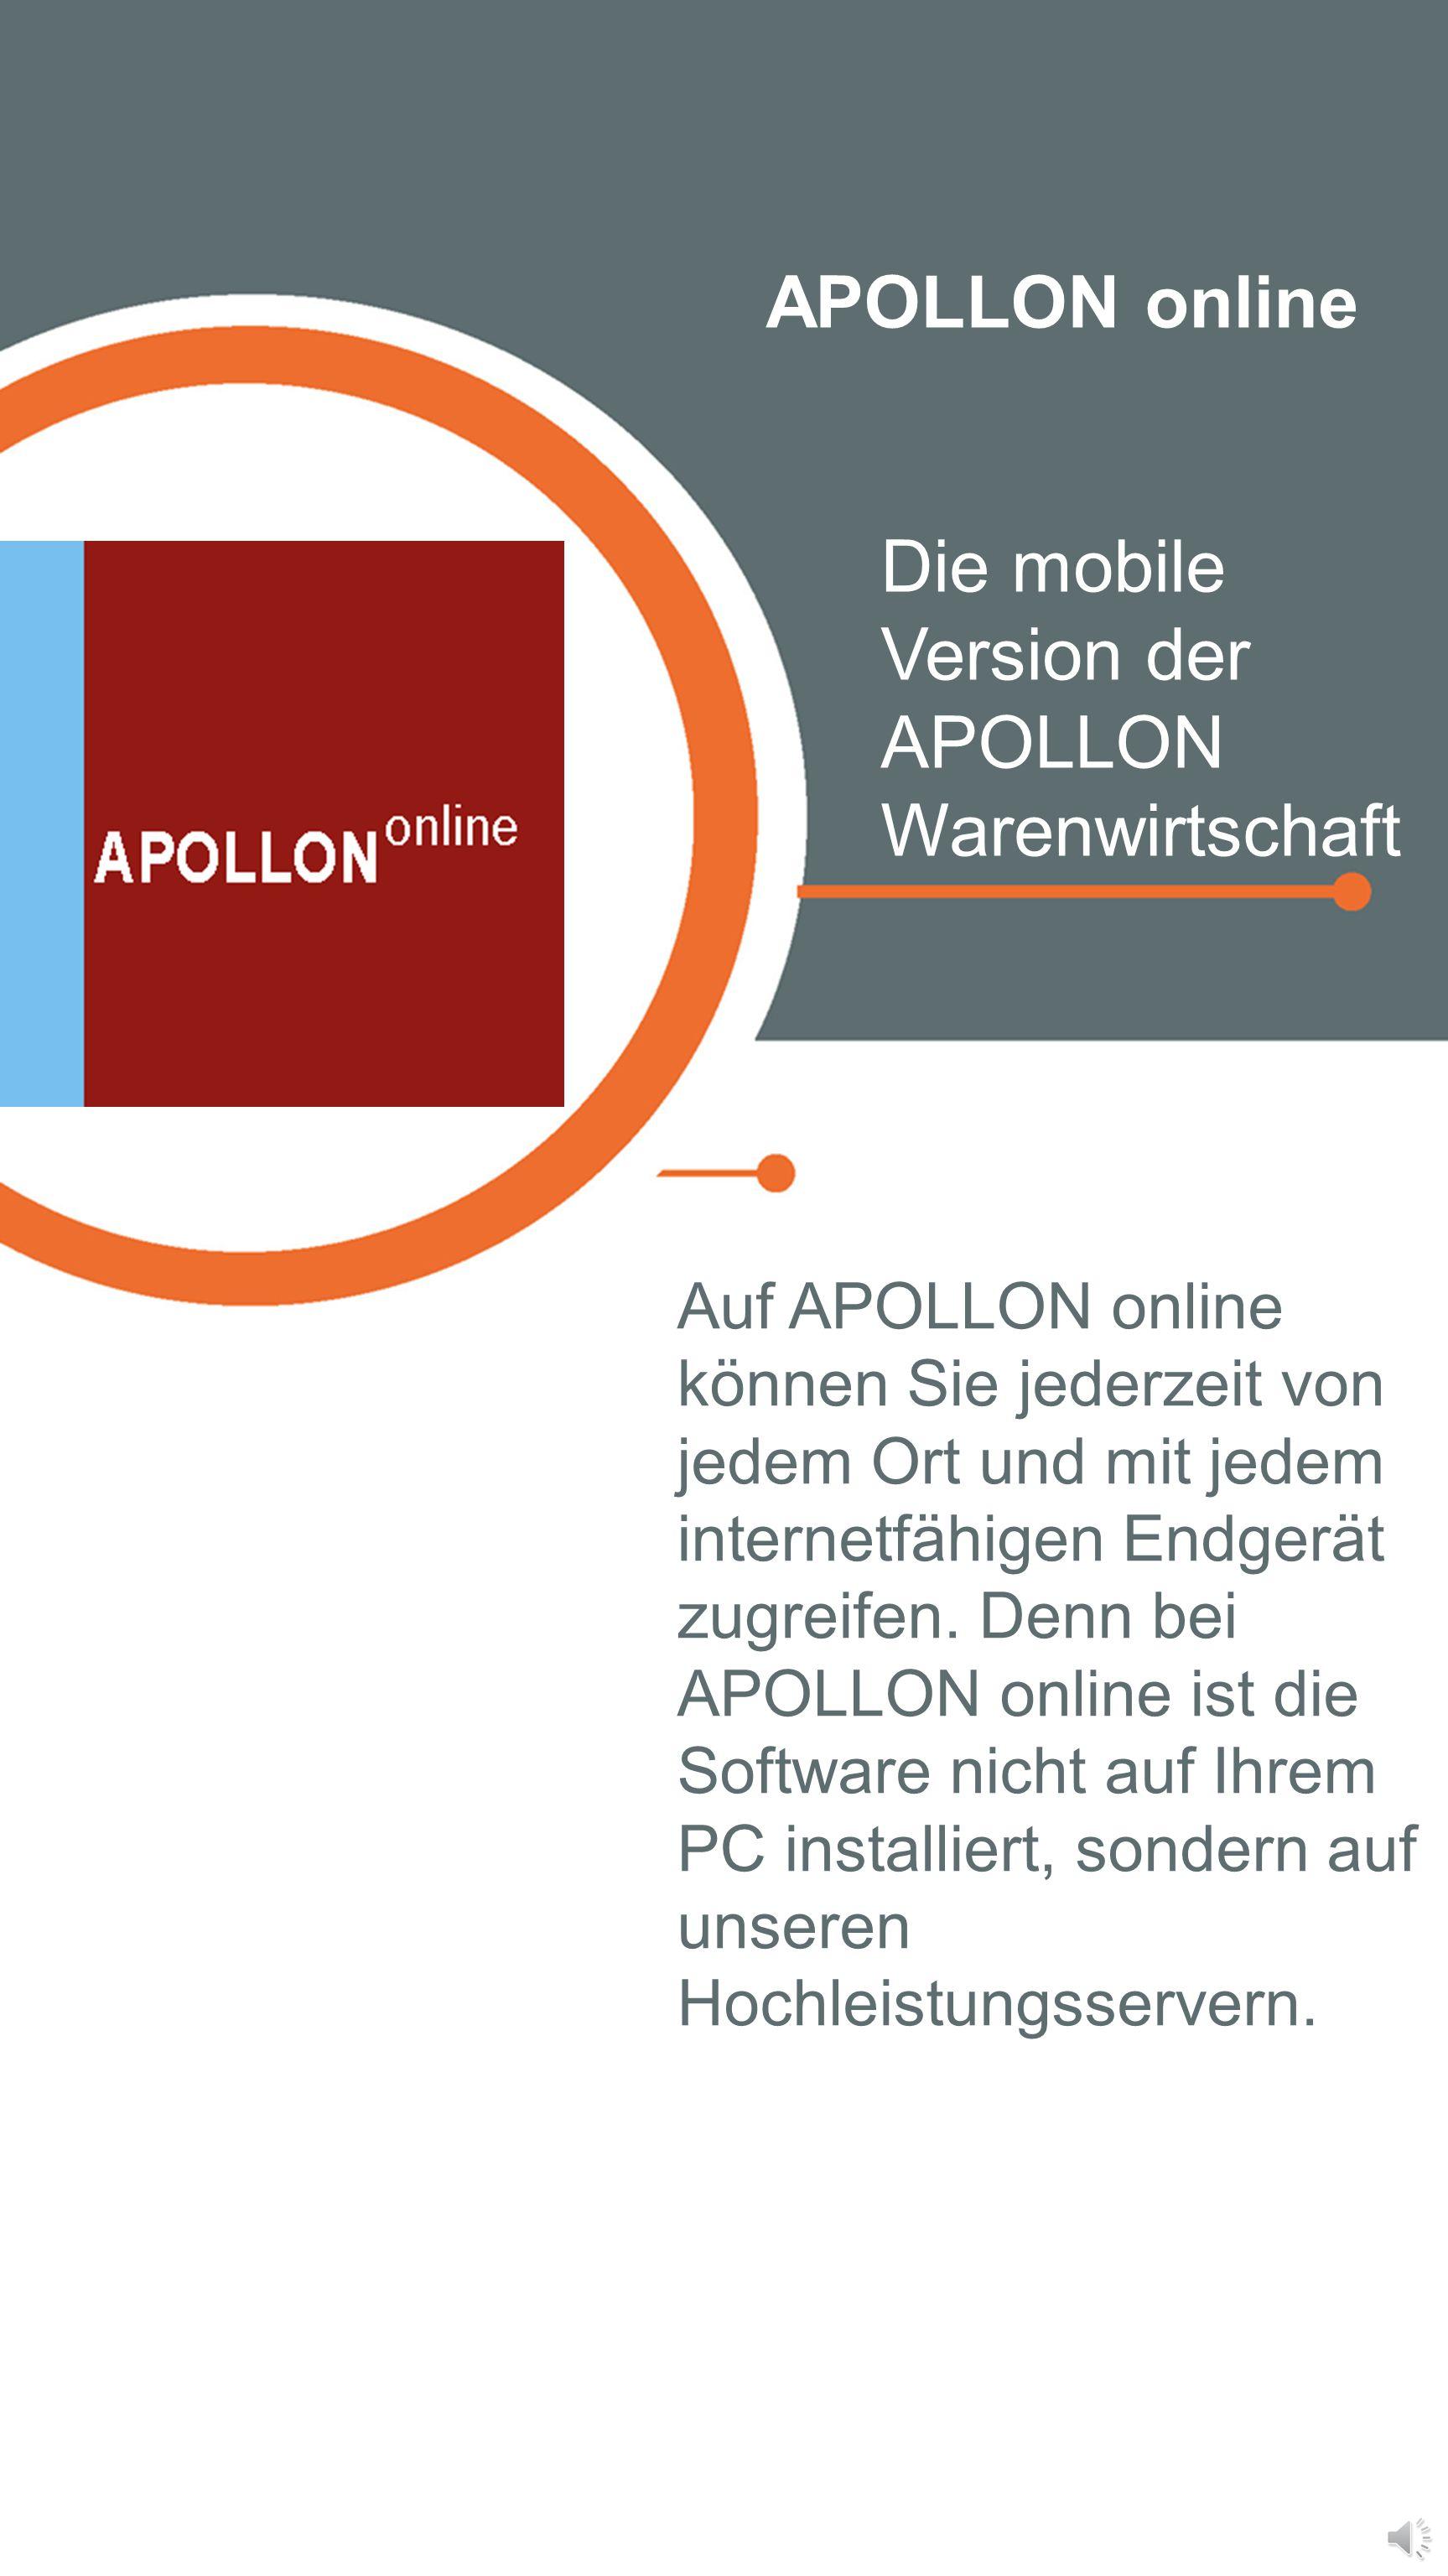 Die mobile Version der APOLLON Warenwirtschaft